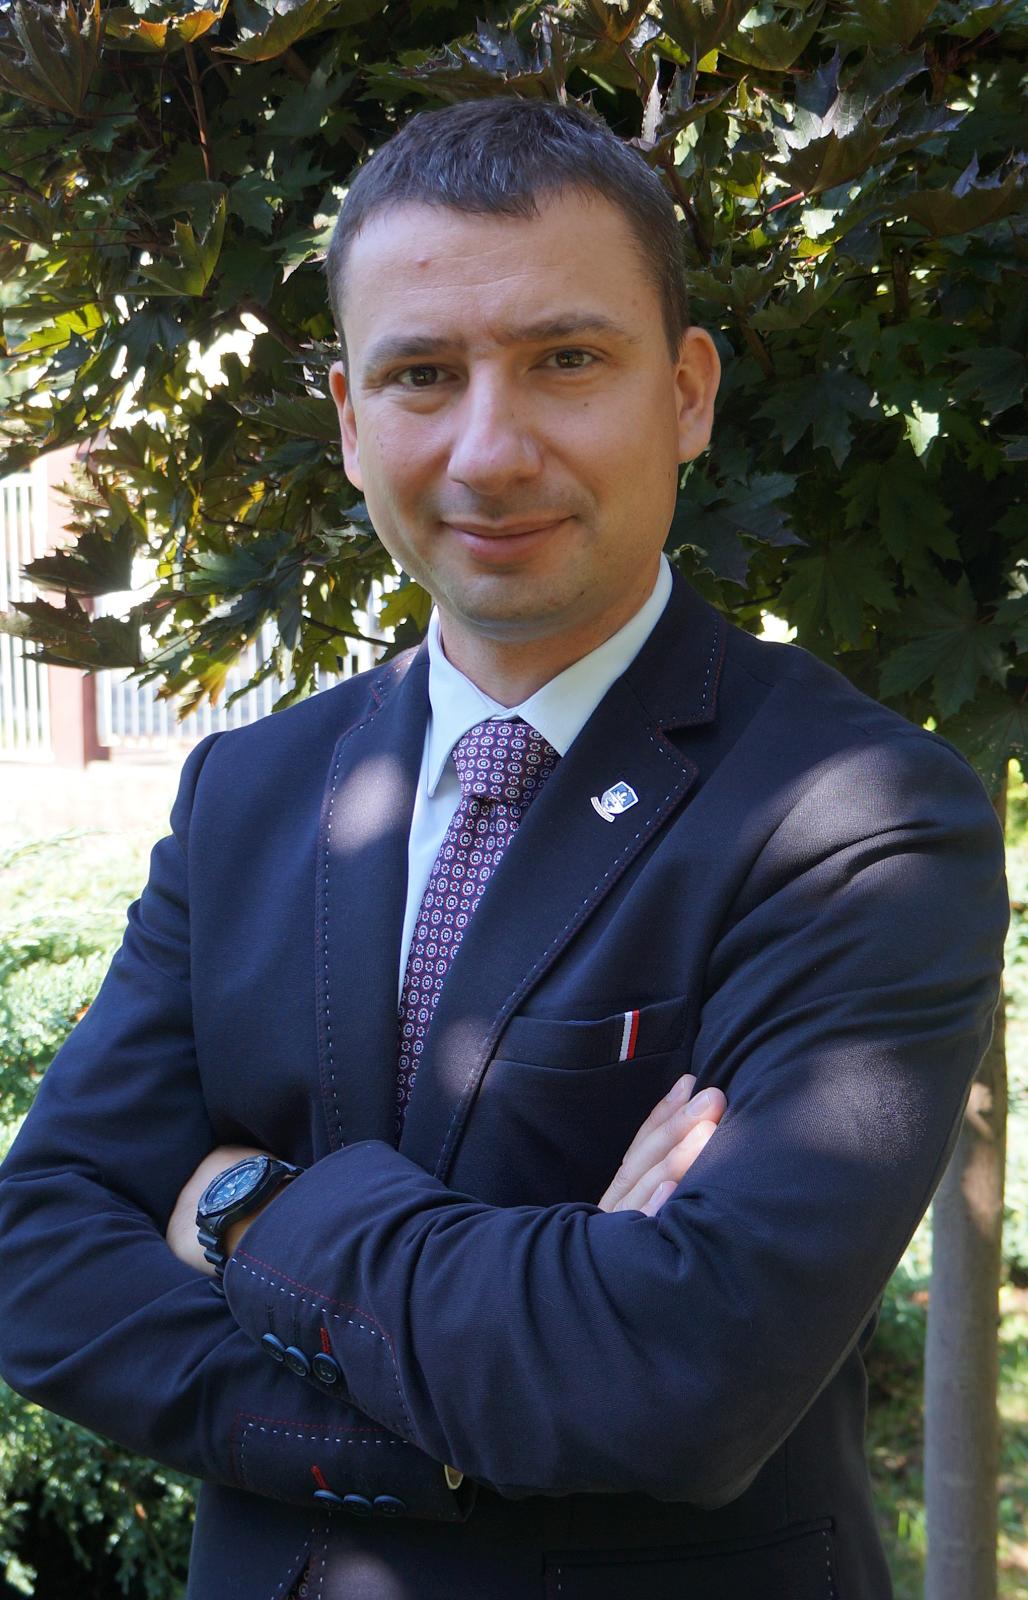 Szymon Nyga - Dyrektor szkoły, nauczyciel historii